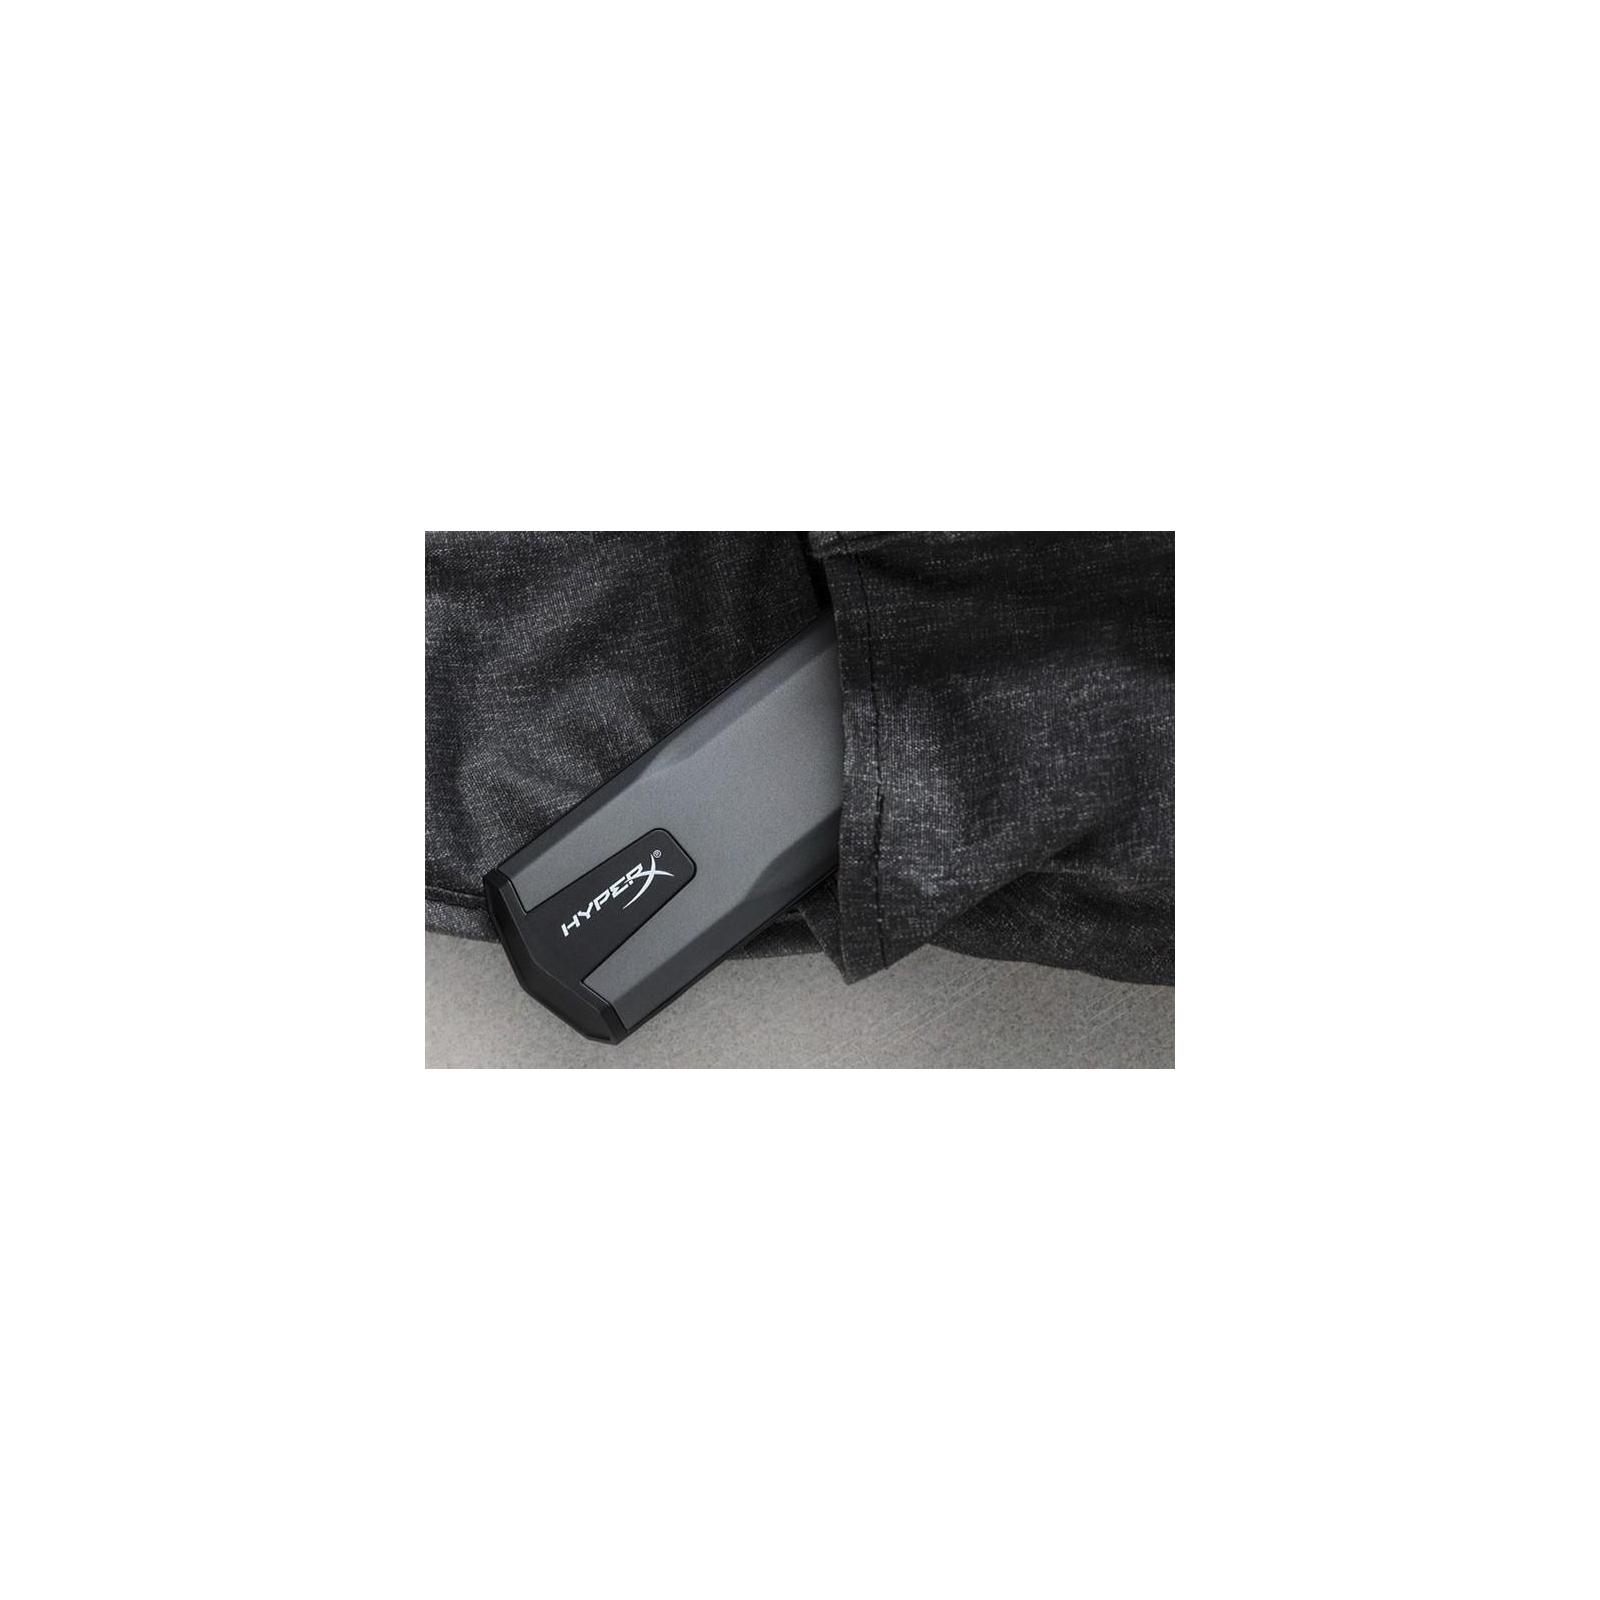 Накопичувач SSD USB 3.1 480GB Kingston (SHSX100/480G) зображення 8